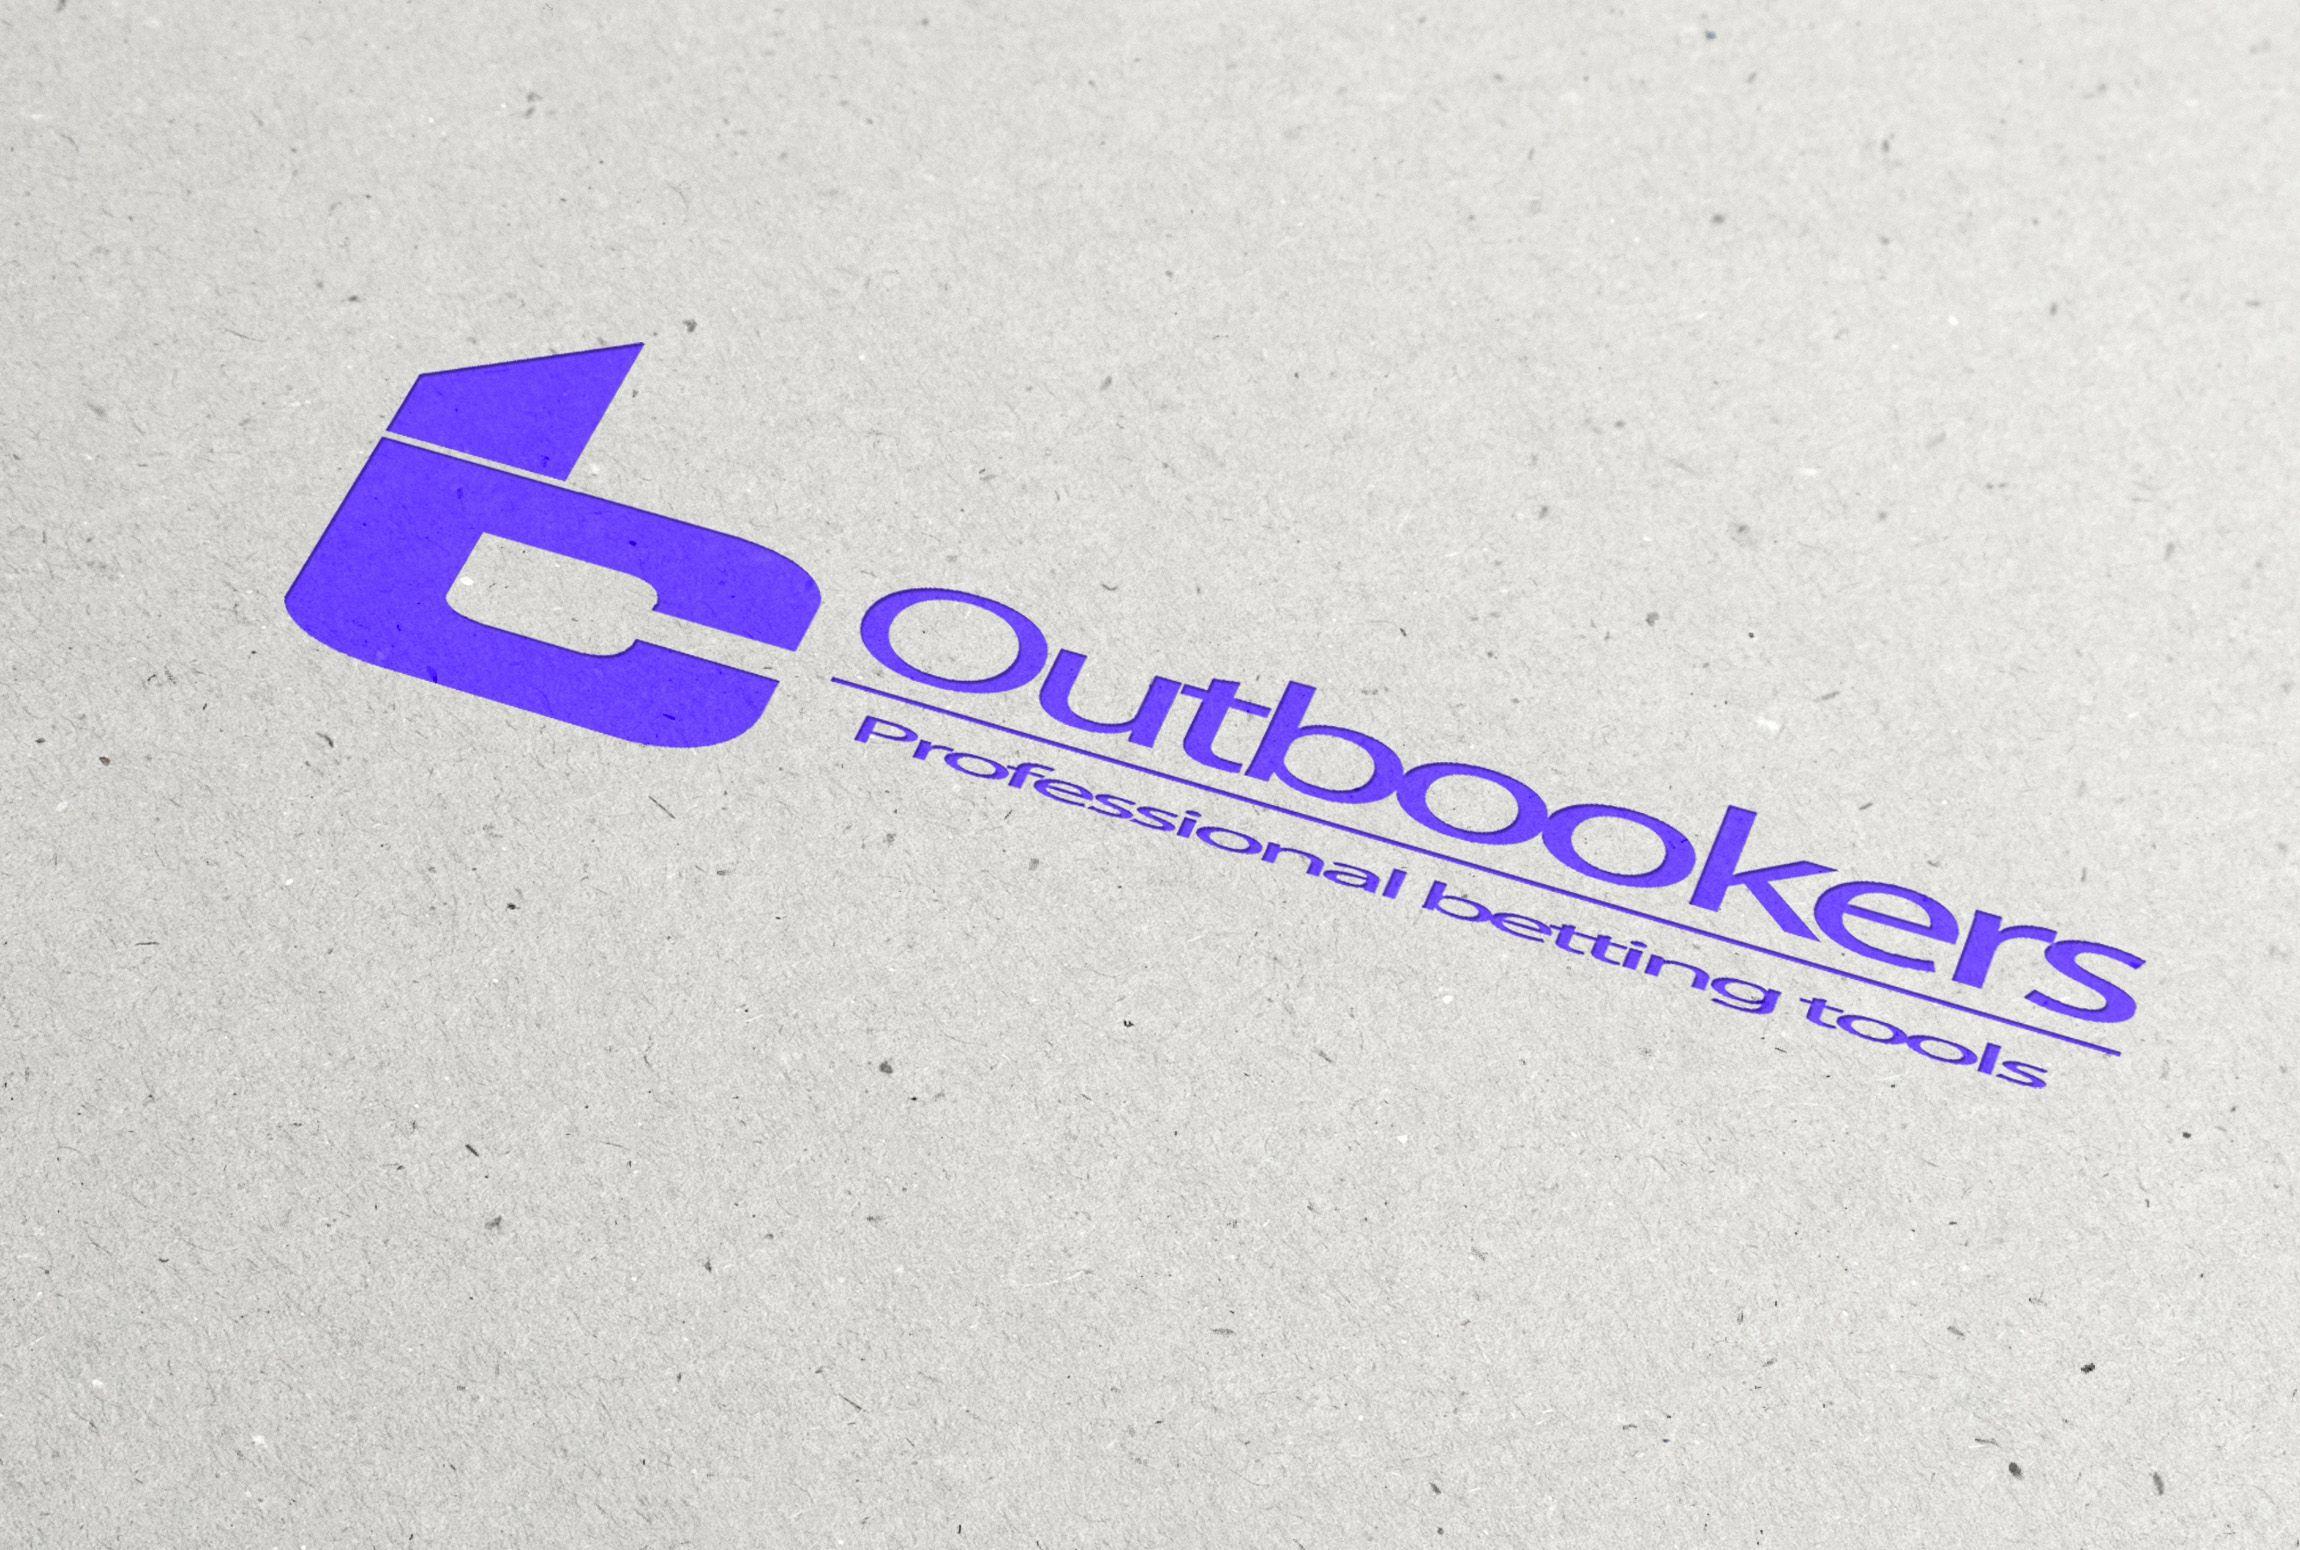 Логотип для компании (спортивная аналитика) - дизайнер Sketch_Ru